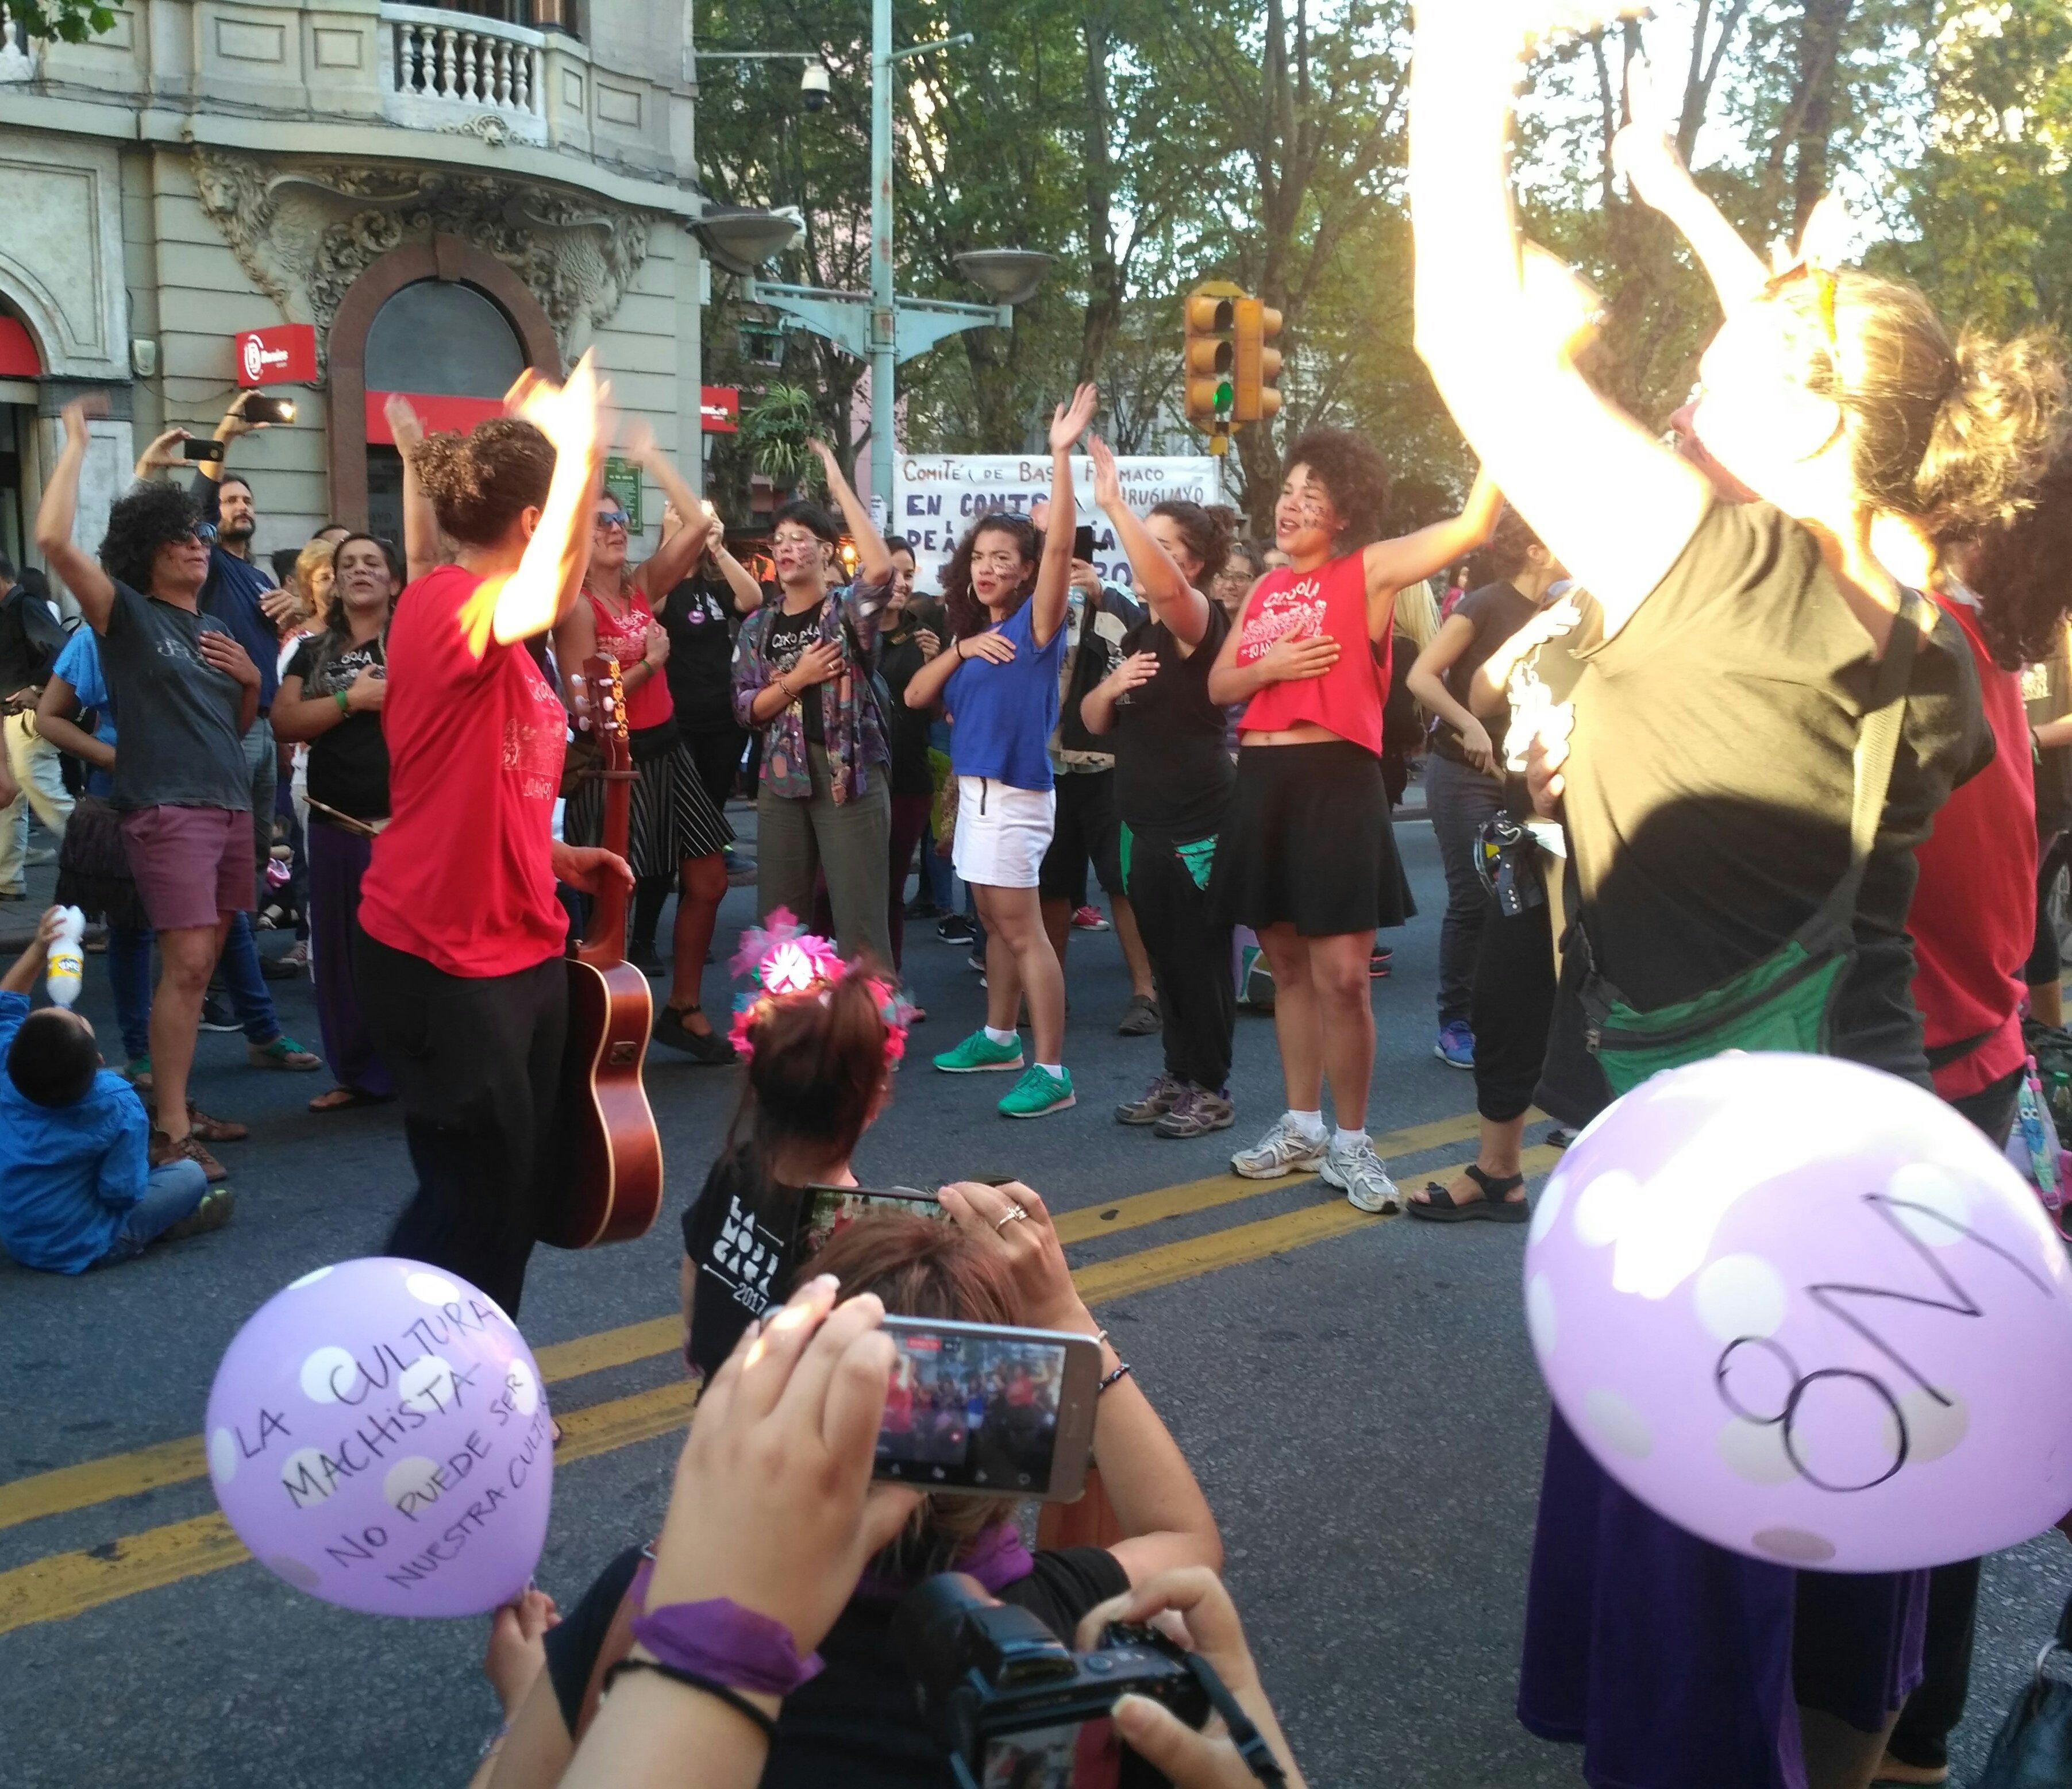 Murga Cero Bola en marcha del 8 de marzo por el Día de la Mujer